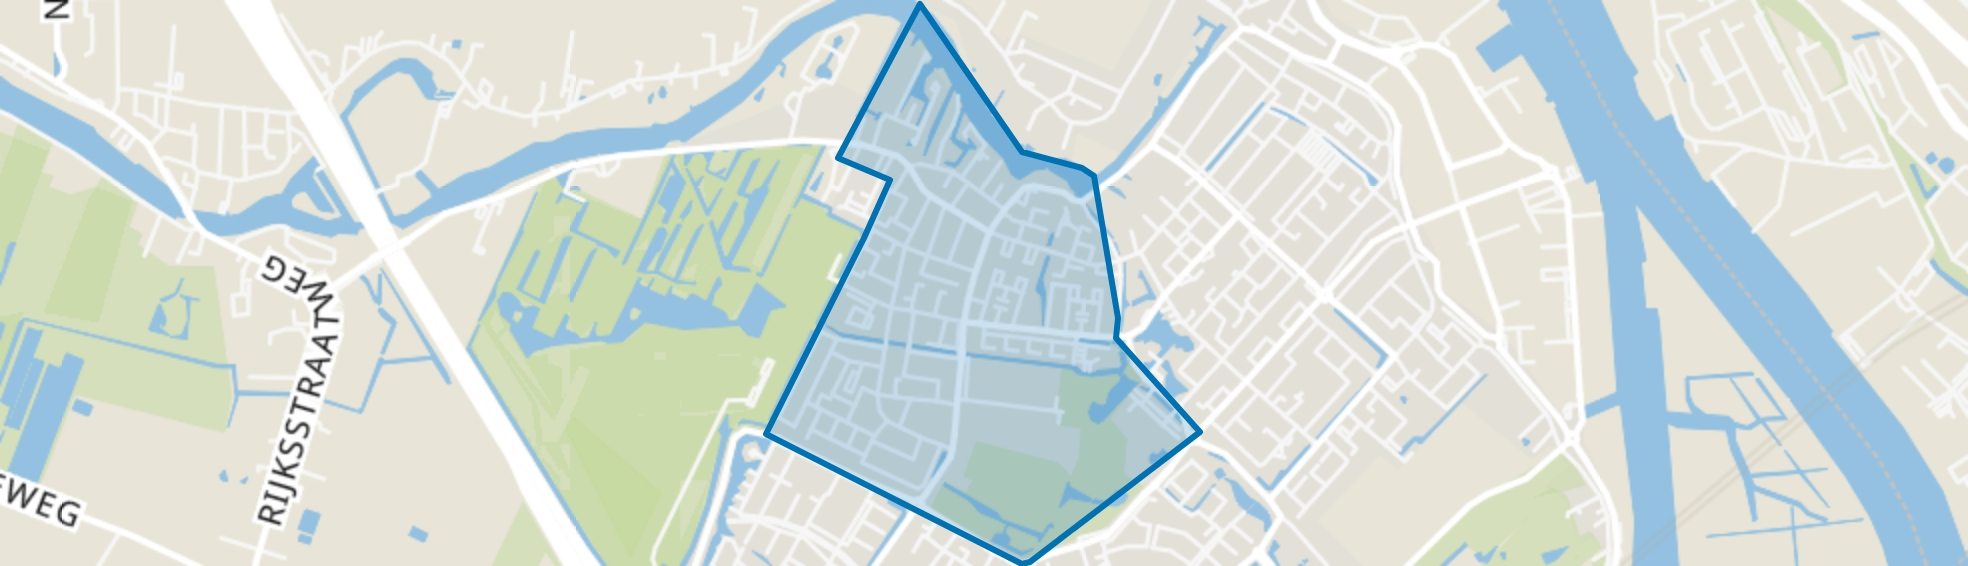 Dorp, Hendrik-Ido-Ambacht map